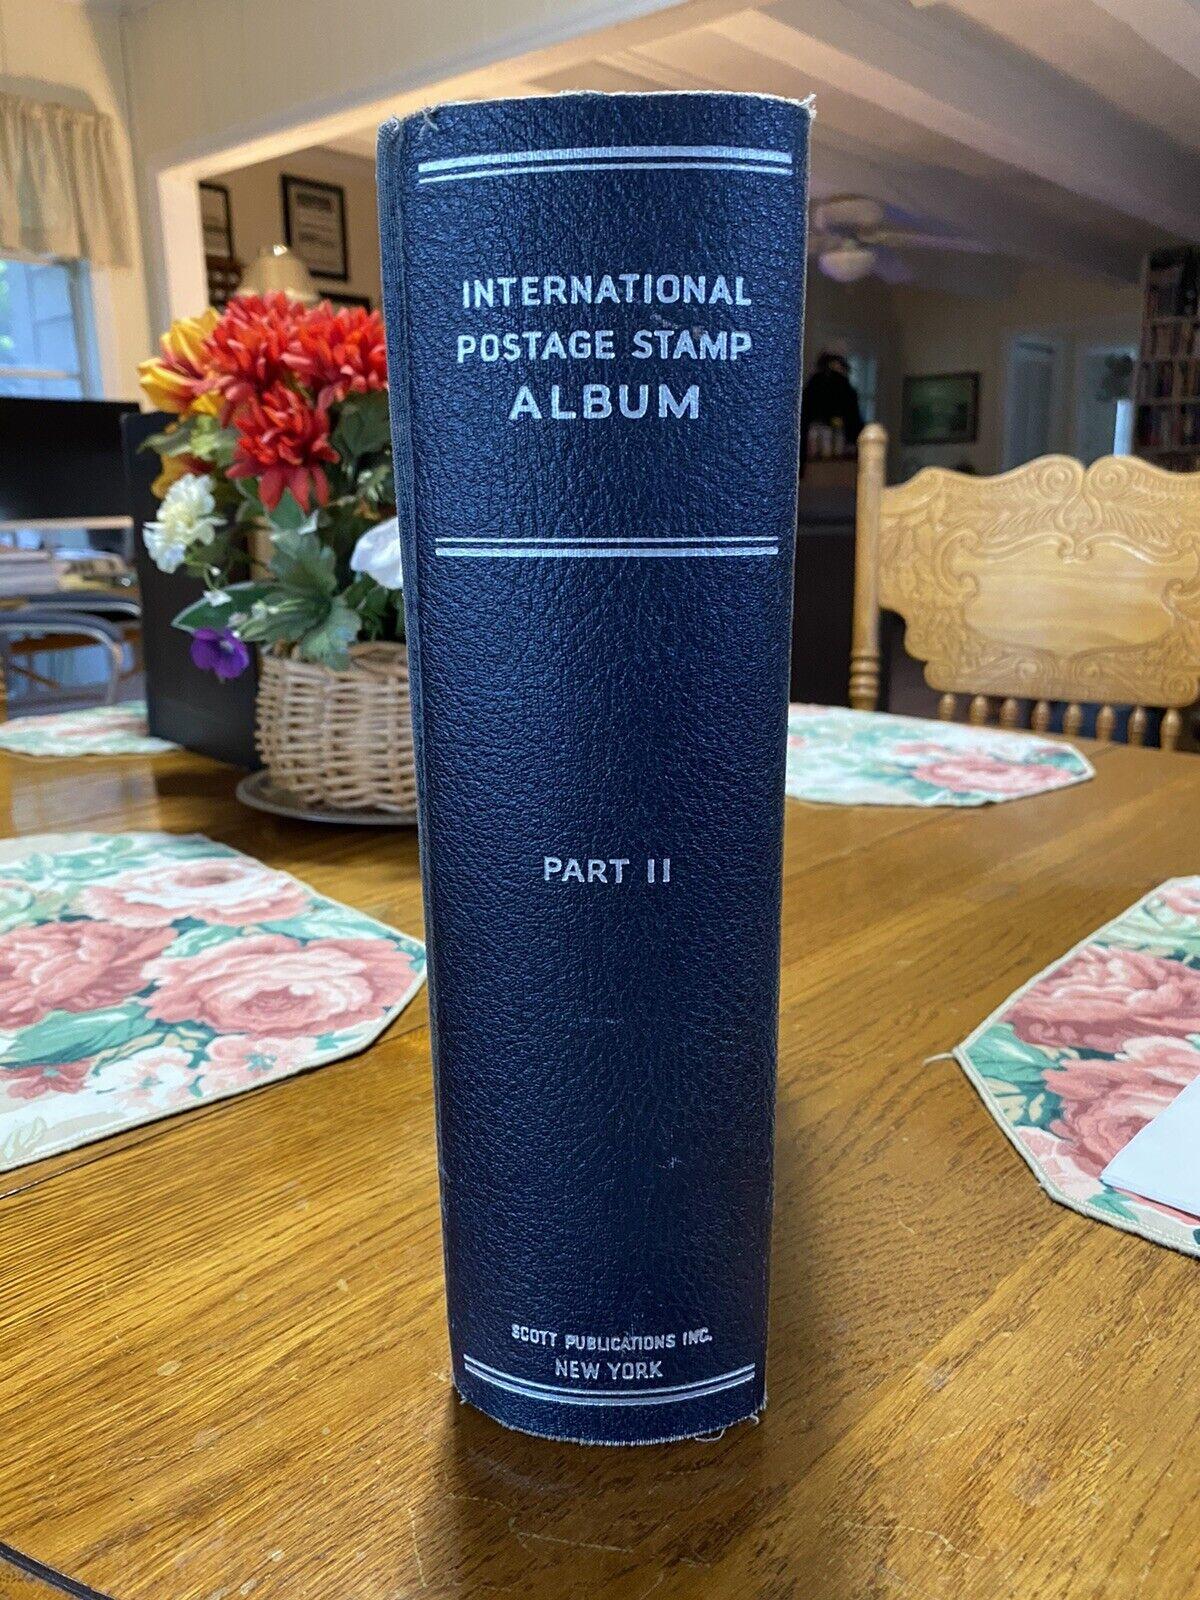 Scott s International Worldwide Stamp Album Part II - A-Z US - Pages Binder - $34.99